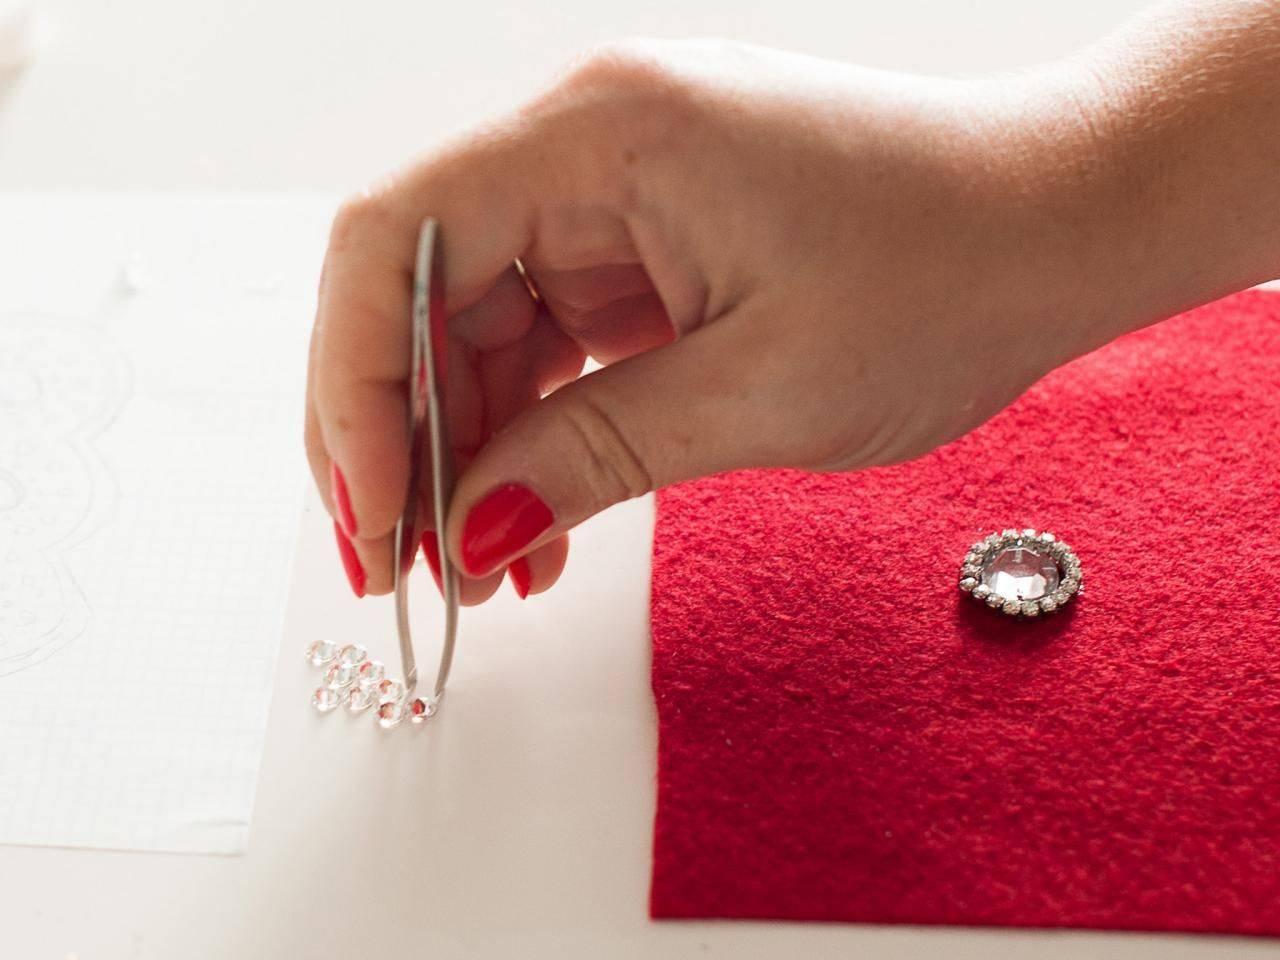 Простые способы, как быстро убрать наклейку с одежды в домашних условиях